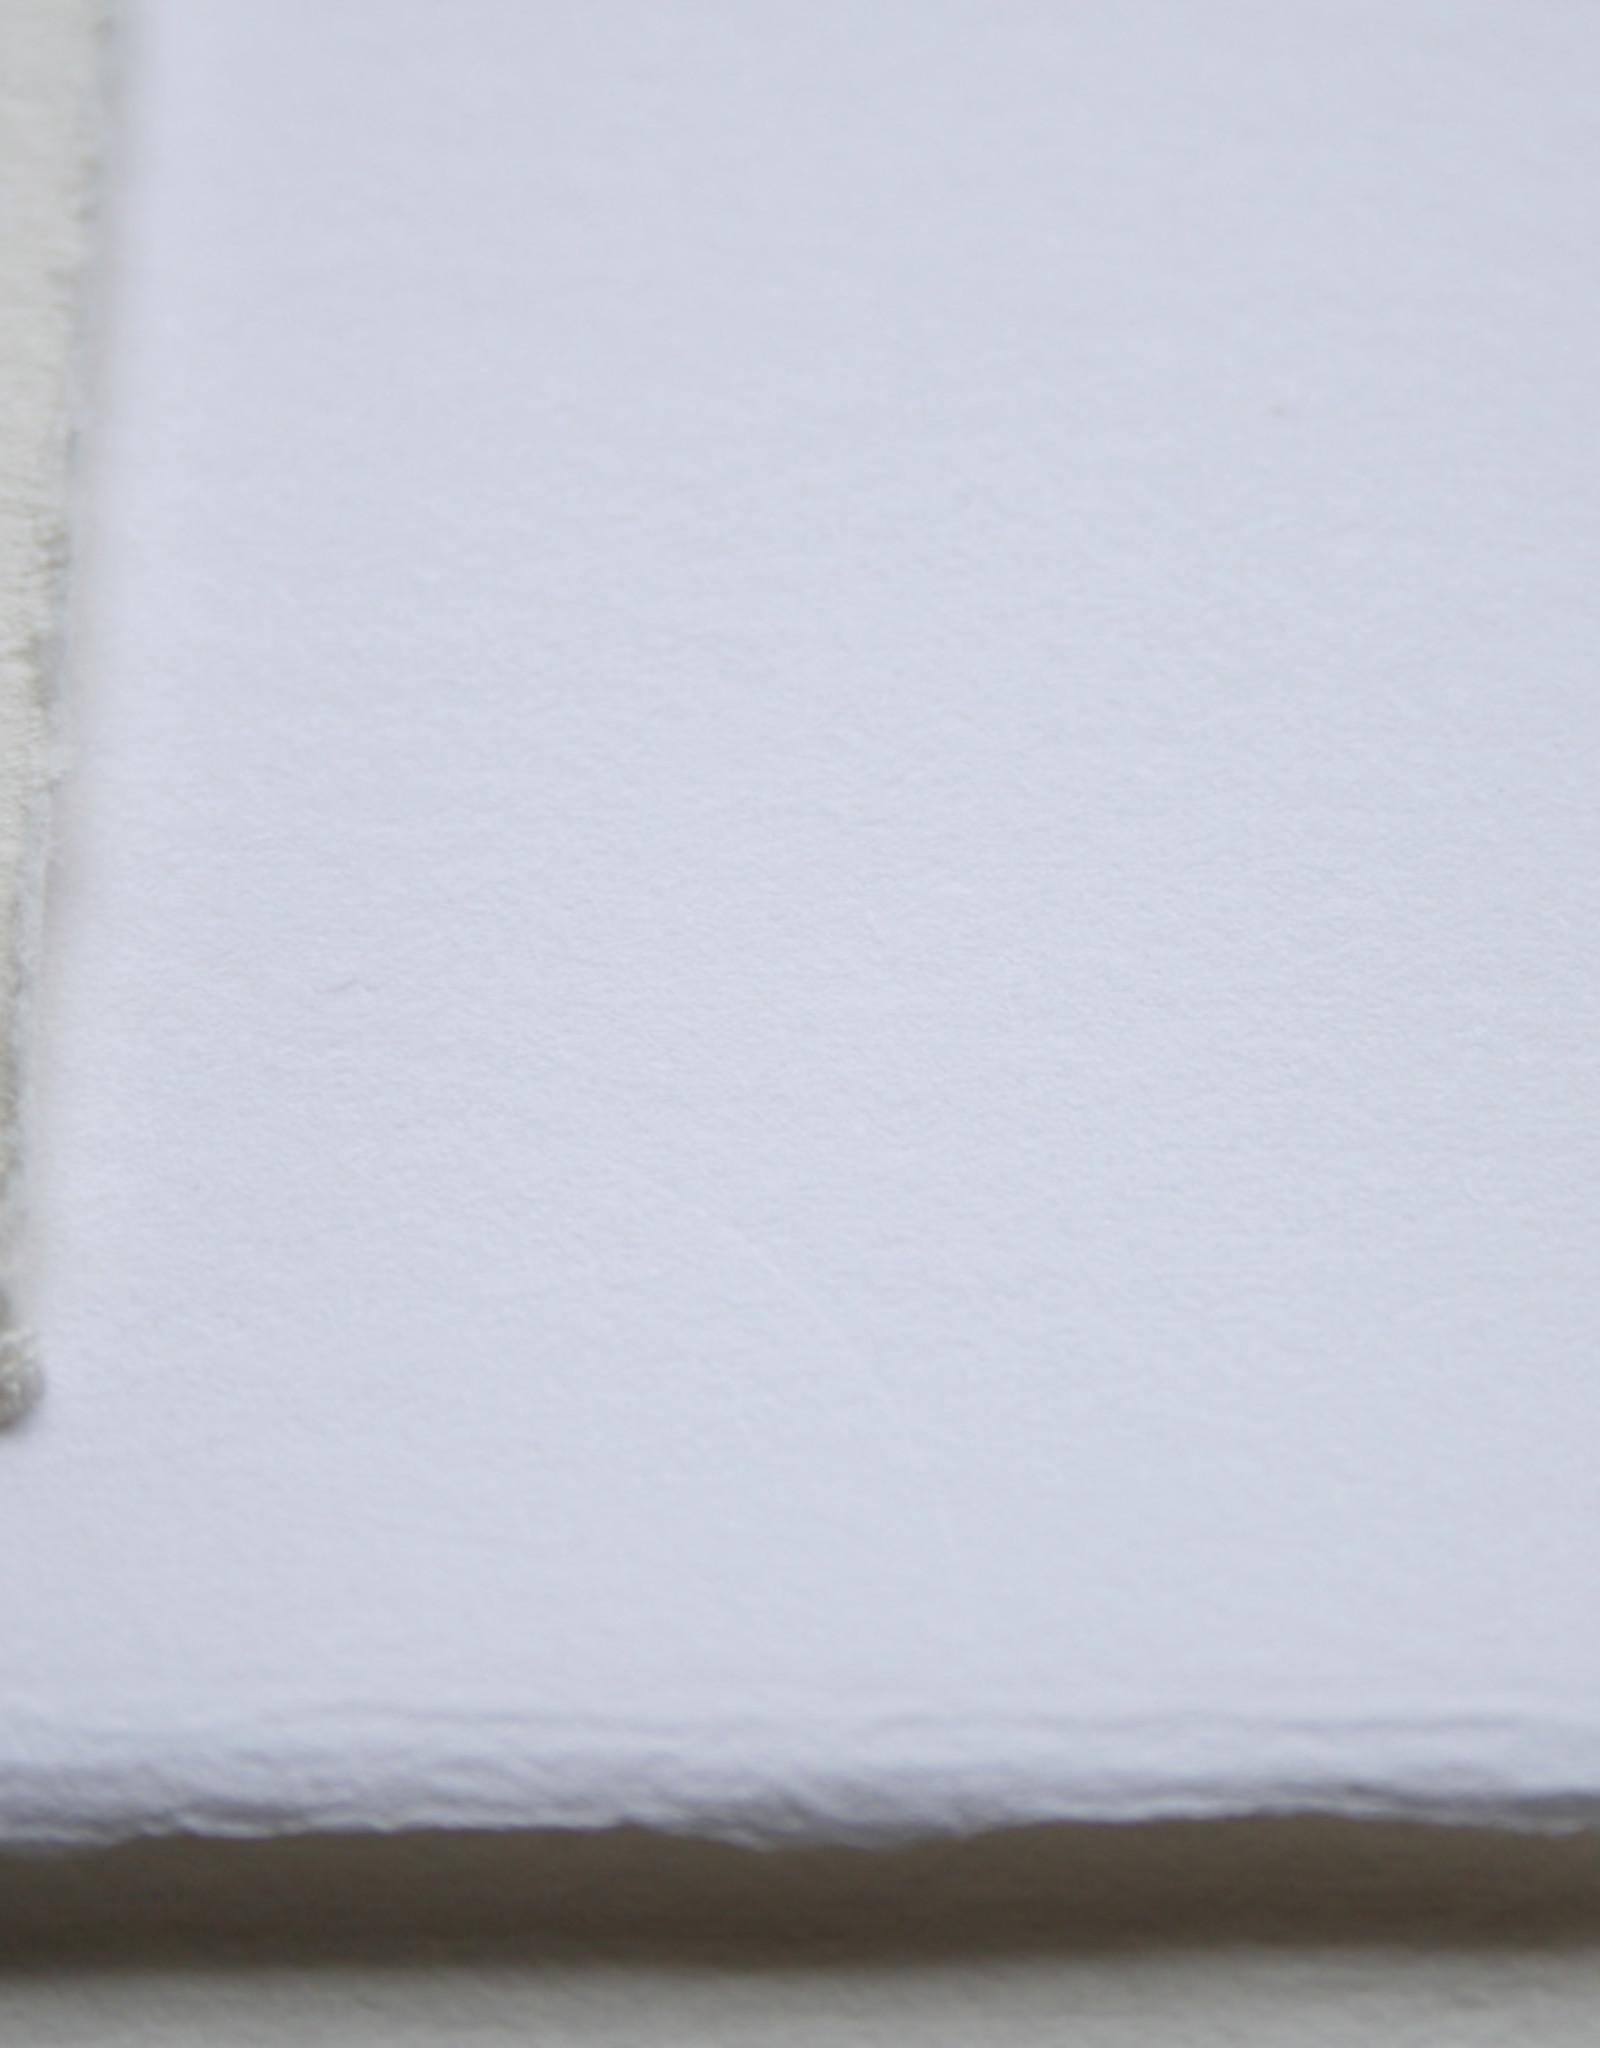 Fabriano Topkwaliteit! Fantastisch etspapier met licht ruig vlassig oppervlak door de langere en sterke vezel. Voor etsen zeer geschikt, ook voor inkten op waterbasis, voor tekenaars en schilders ook zeer geschikt voor inkten en gouaches. 100% katoen. In de stof g